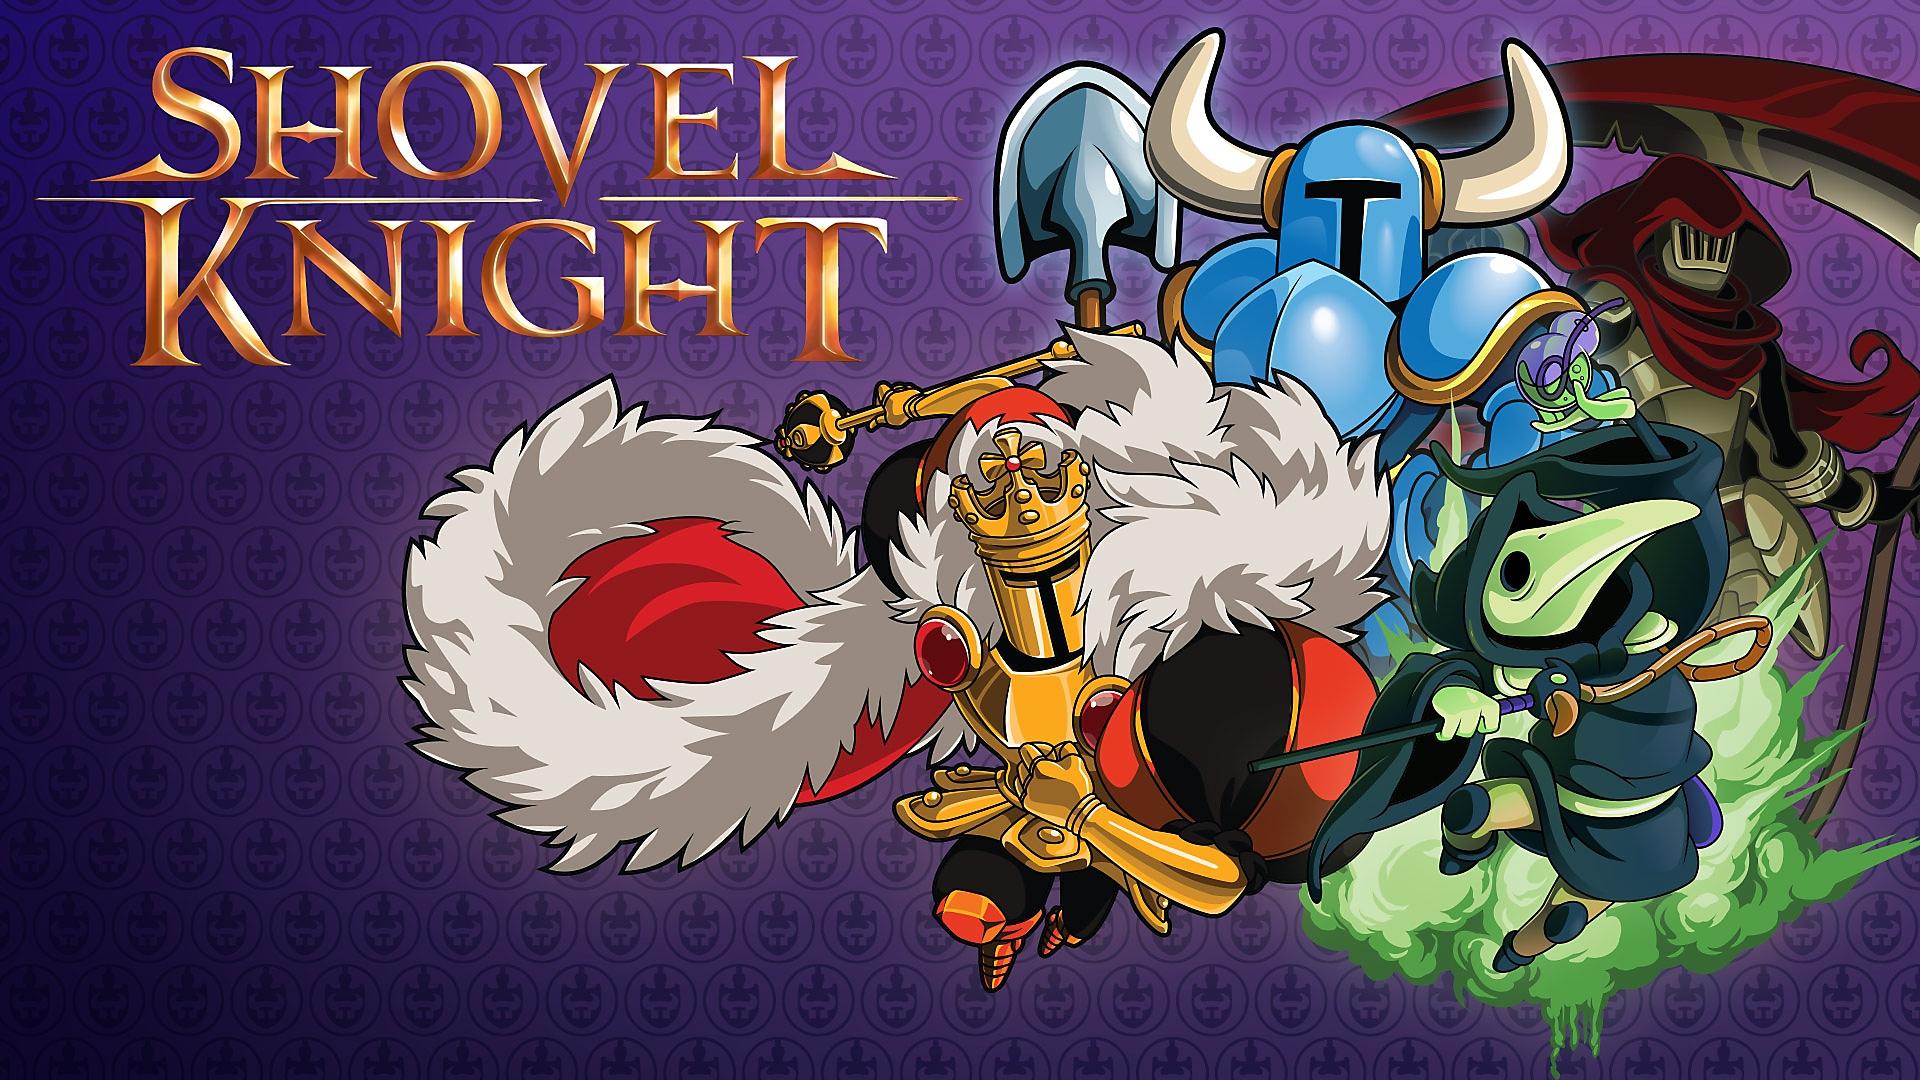 Shovel Knight - العرض التشويقي لإطلاق اللعبة